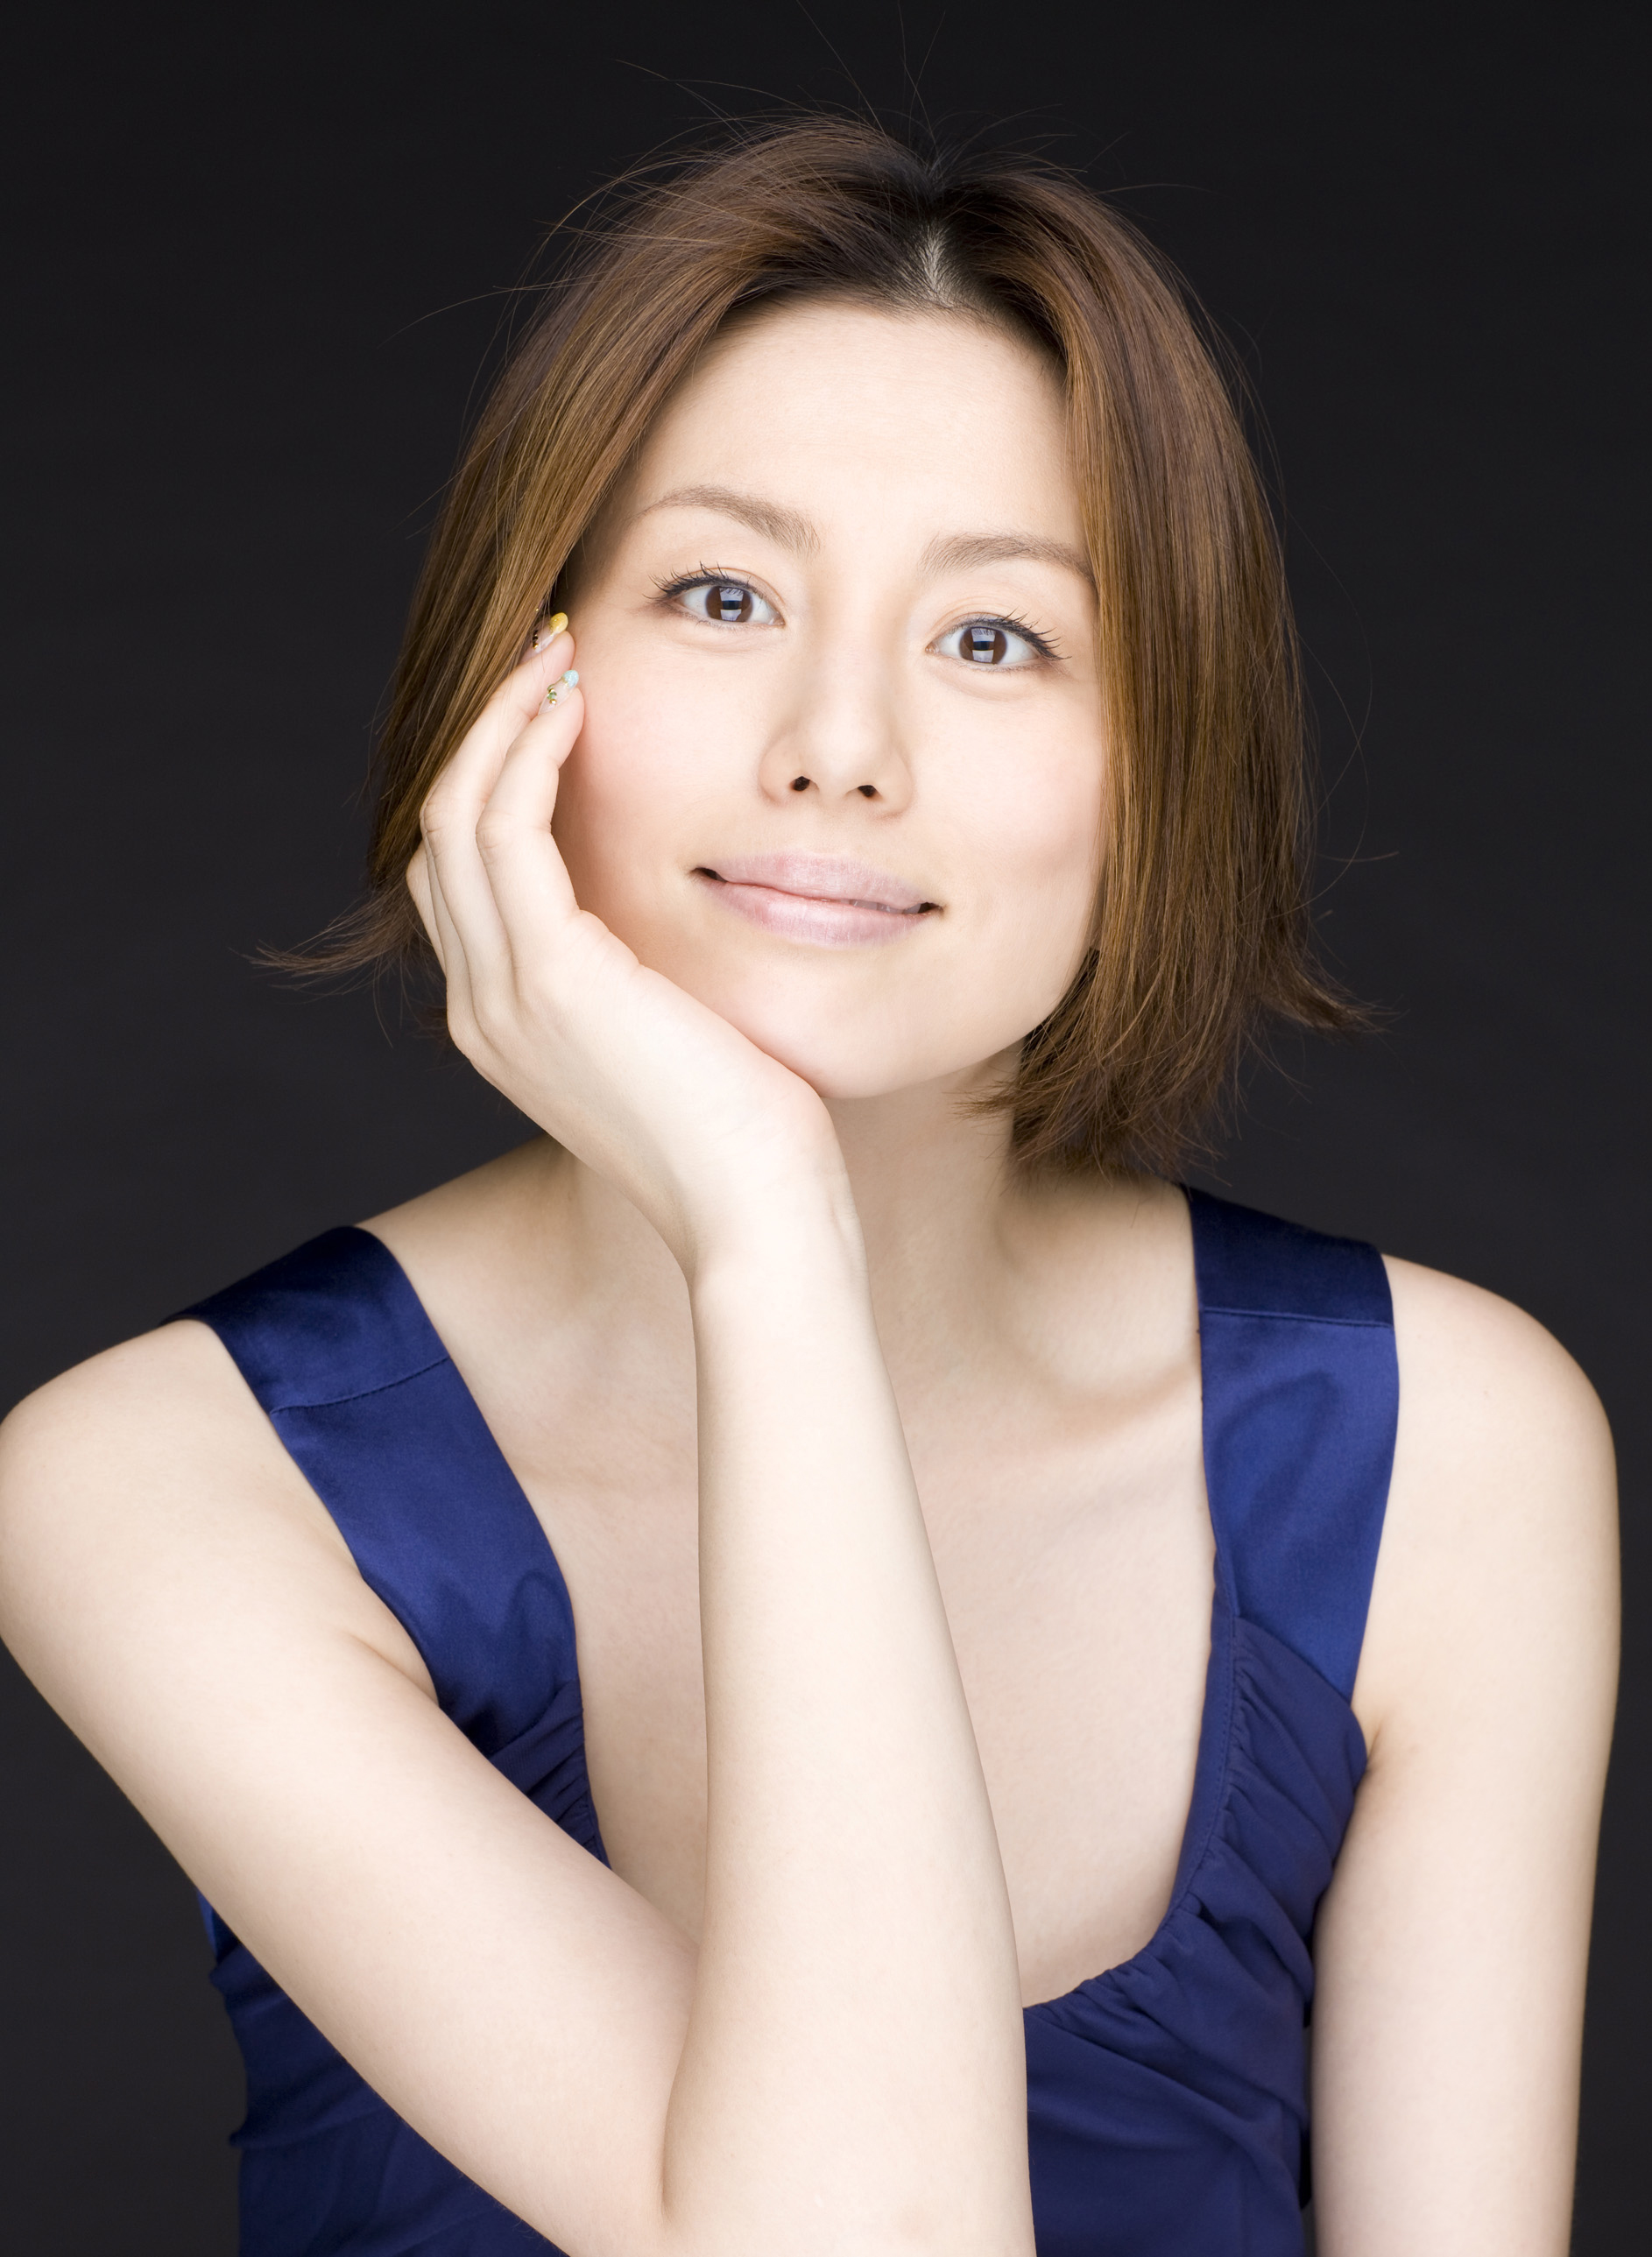 いいの?悪いの?男前!?視聴率女王・米倉涼子の性格を大解剖!のサムネイル画像